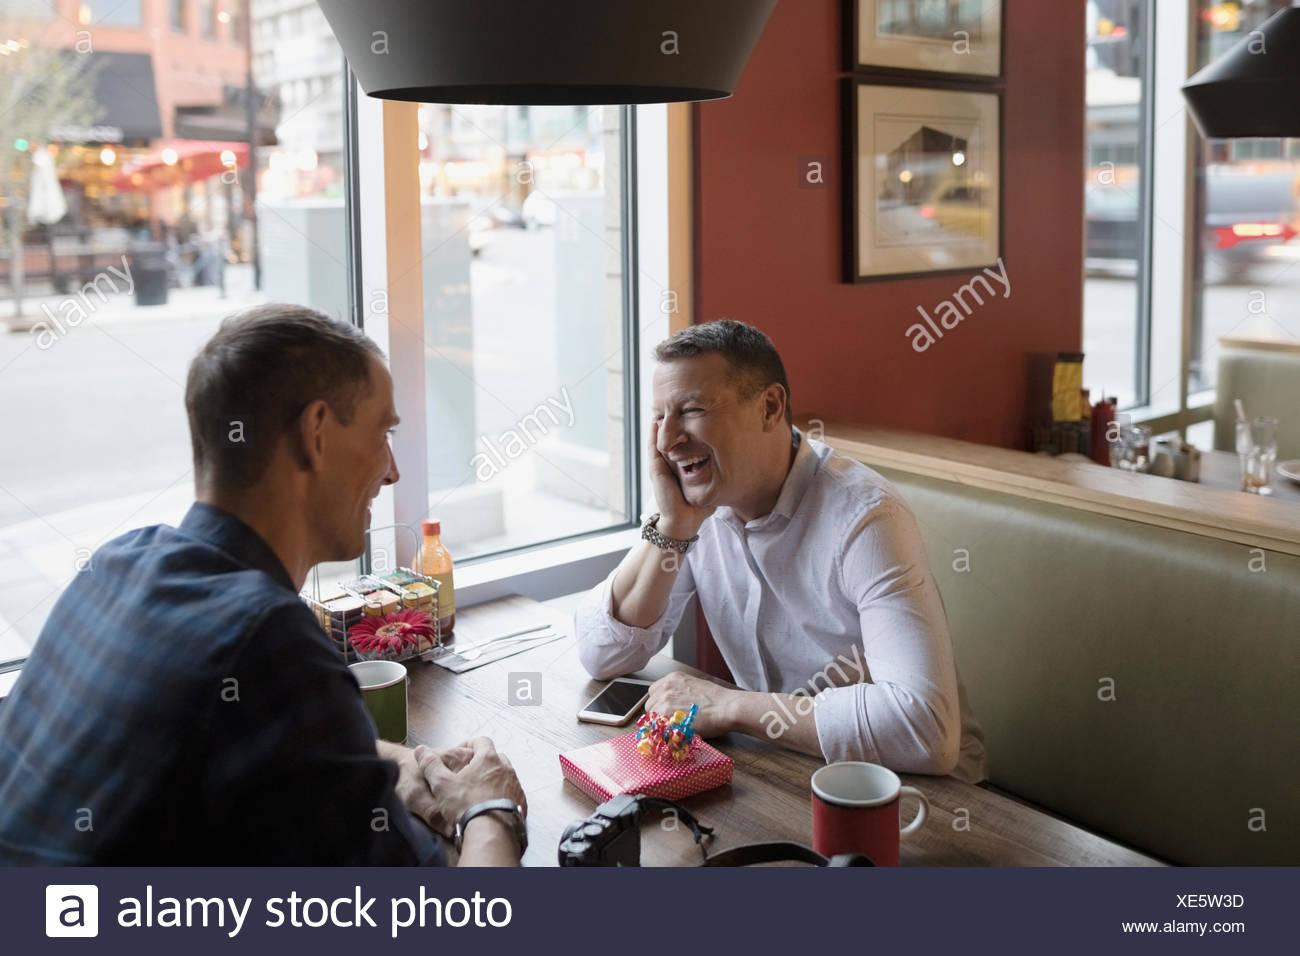 Sonriente pareja homosexual masculina celebrando un cumpleaños en diner booth Imagen De Stock